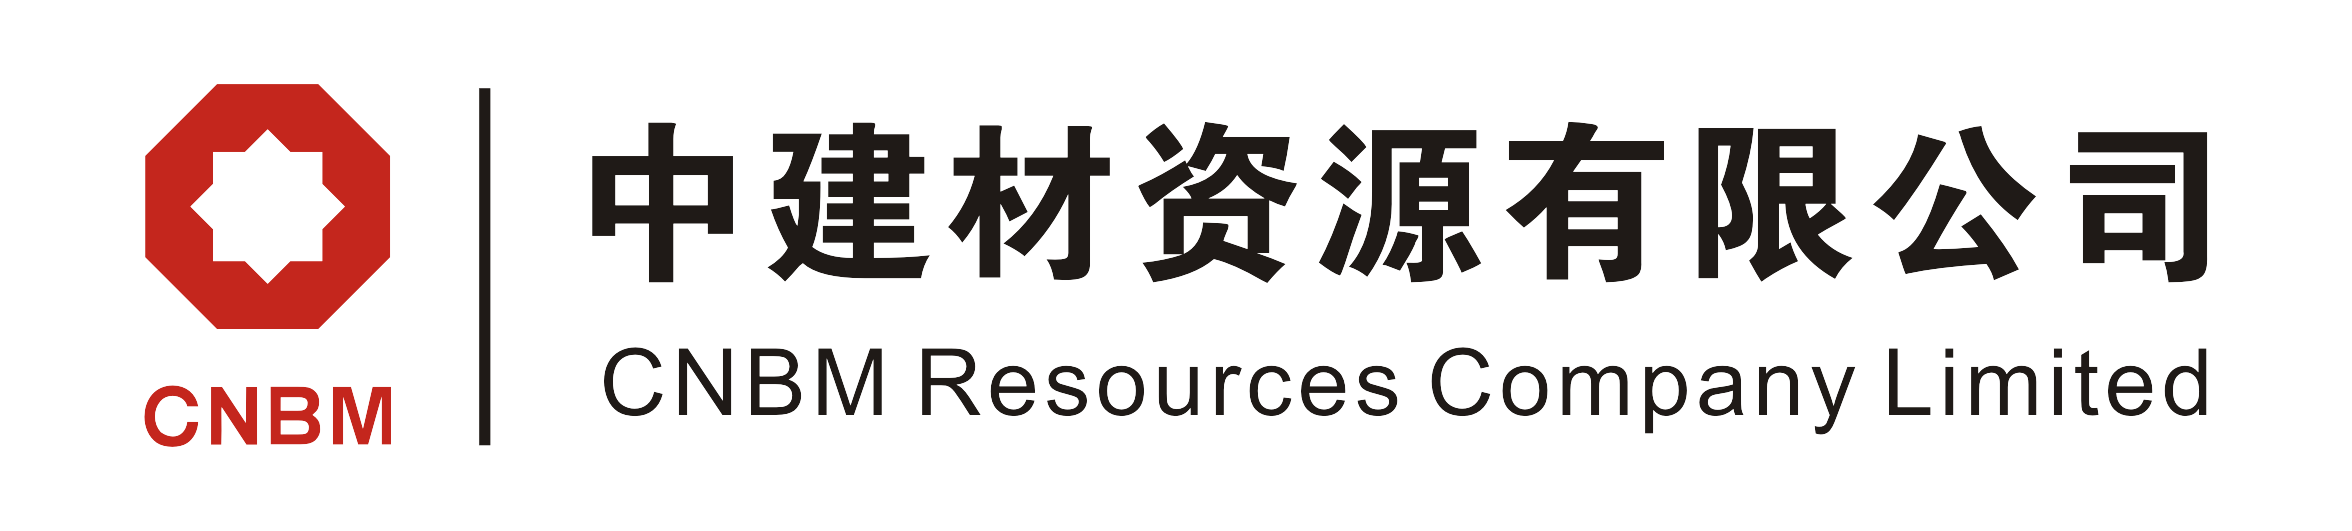 美高梅彩票logo